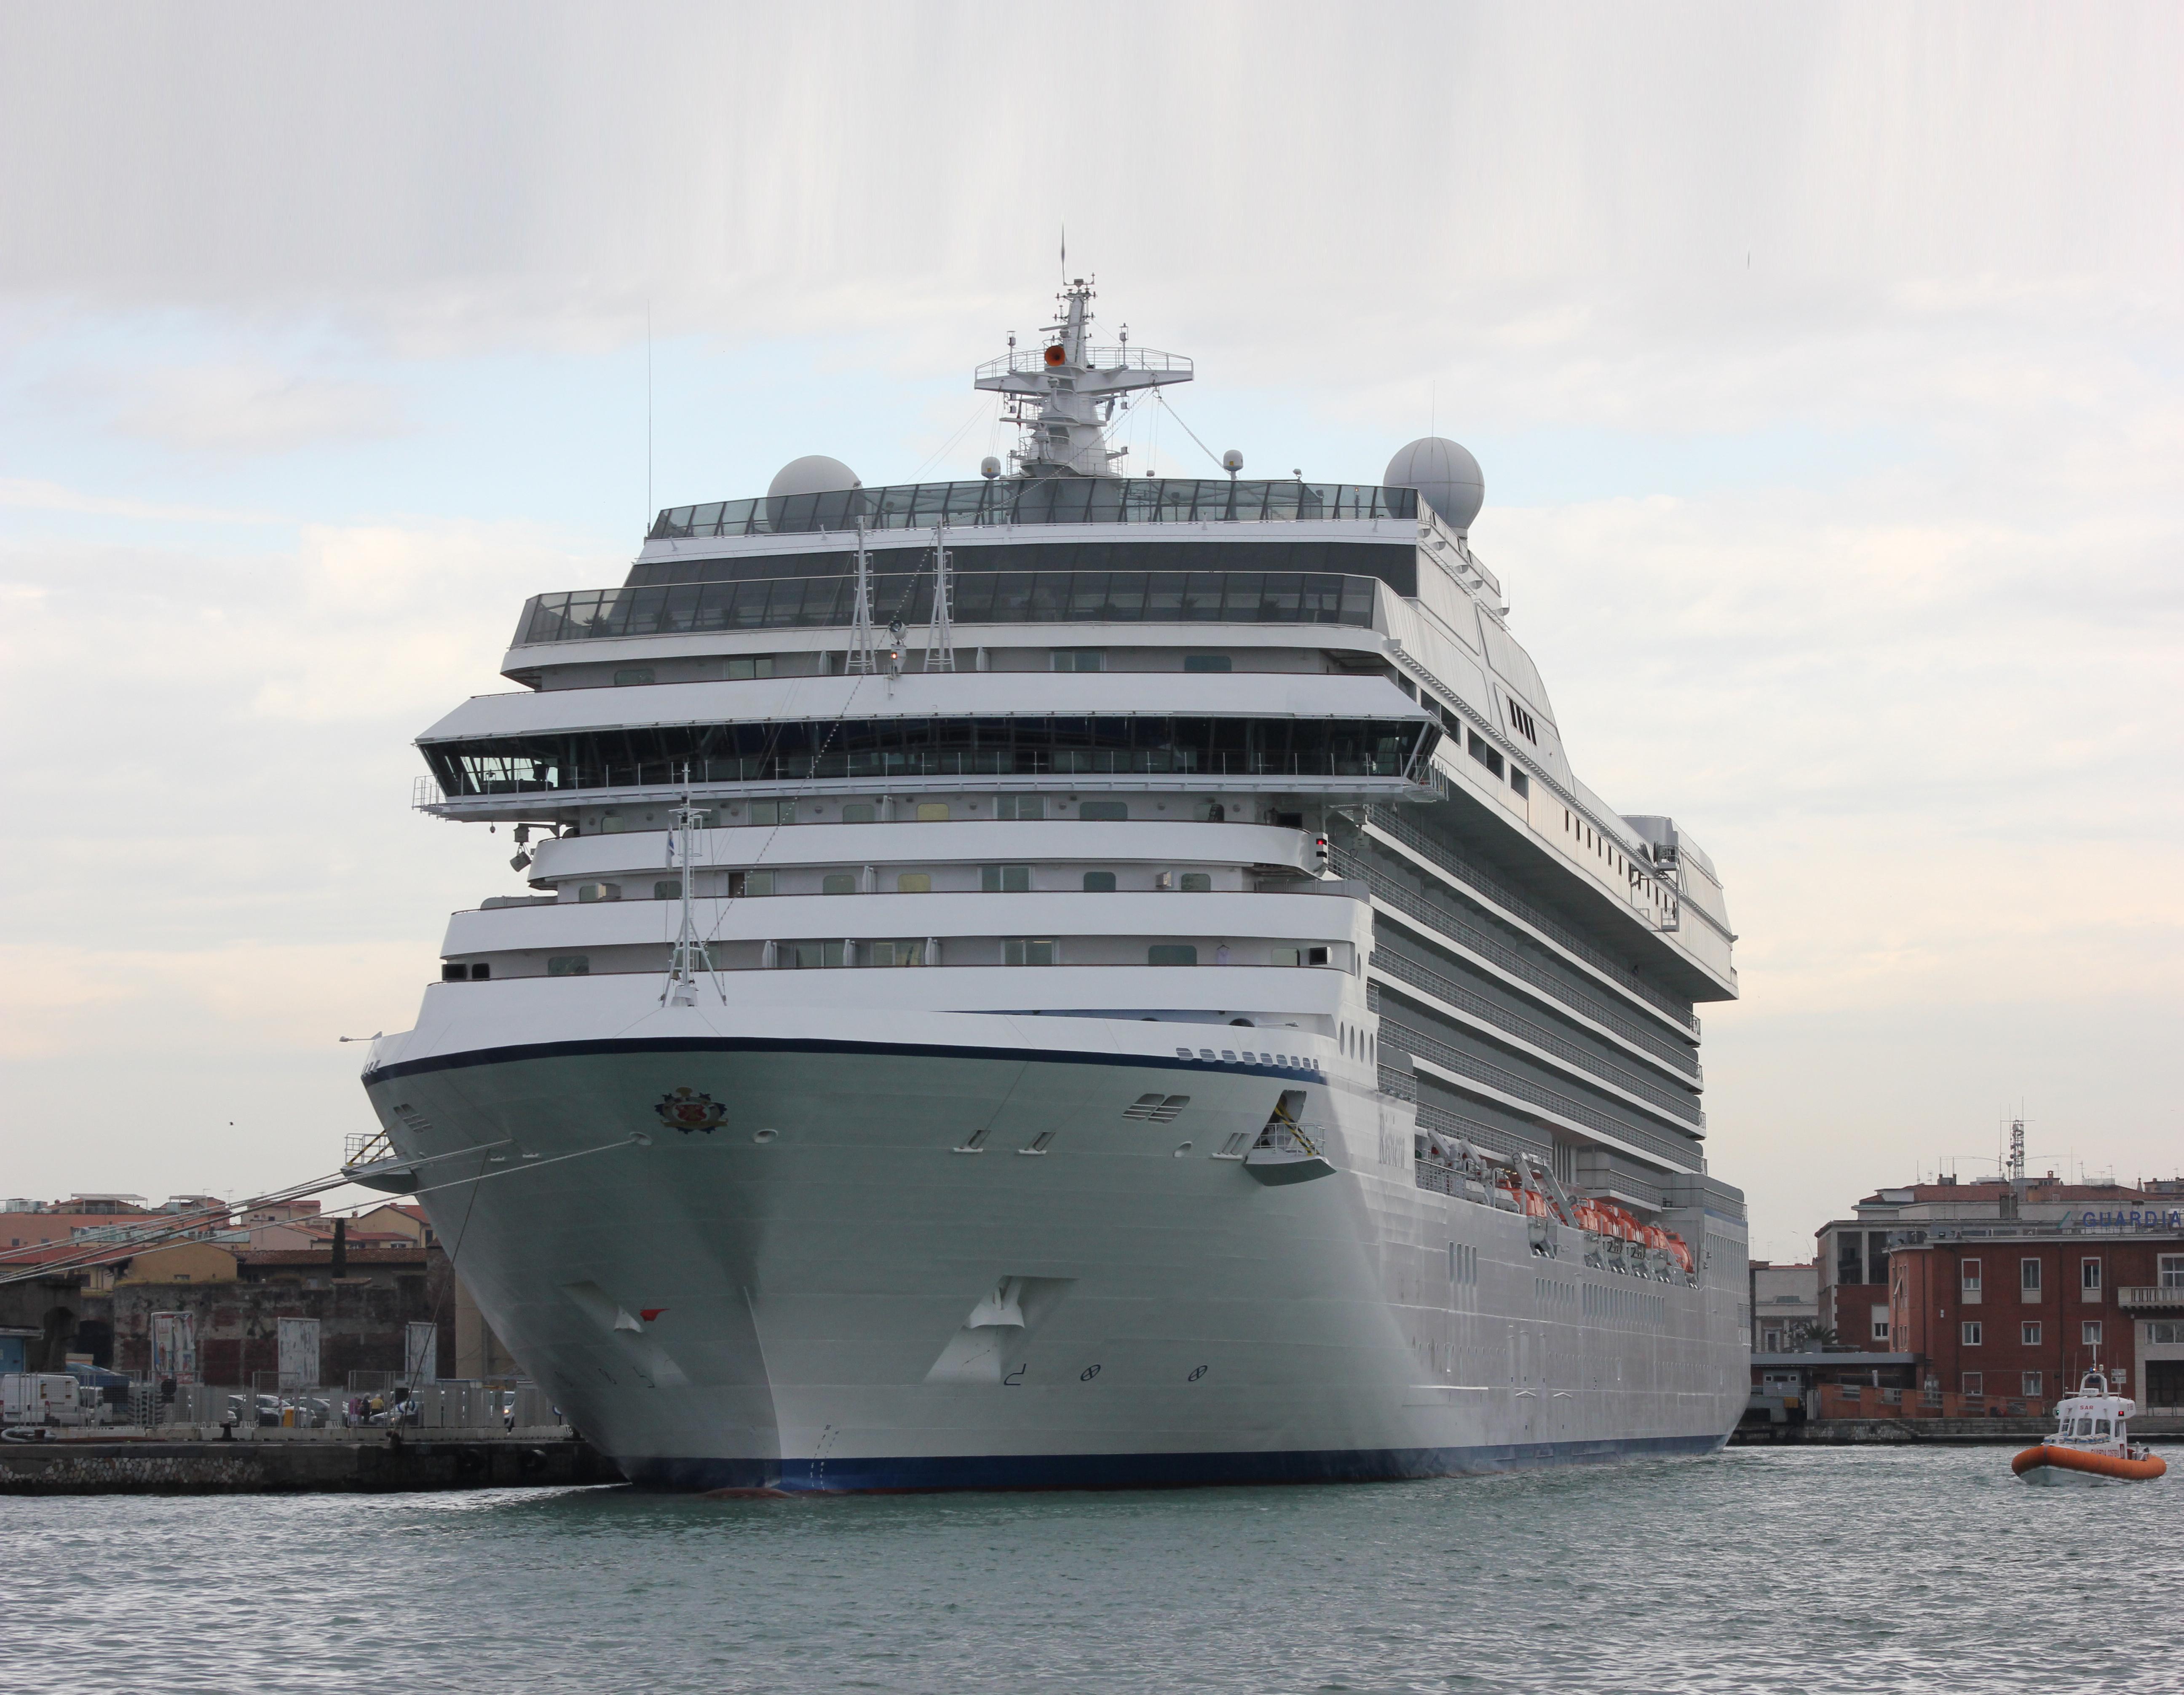 Livorno 2000 oceania cruises